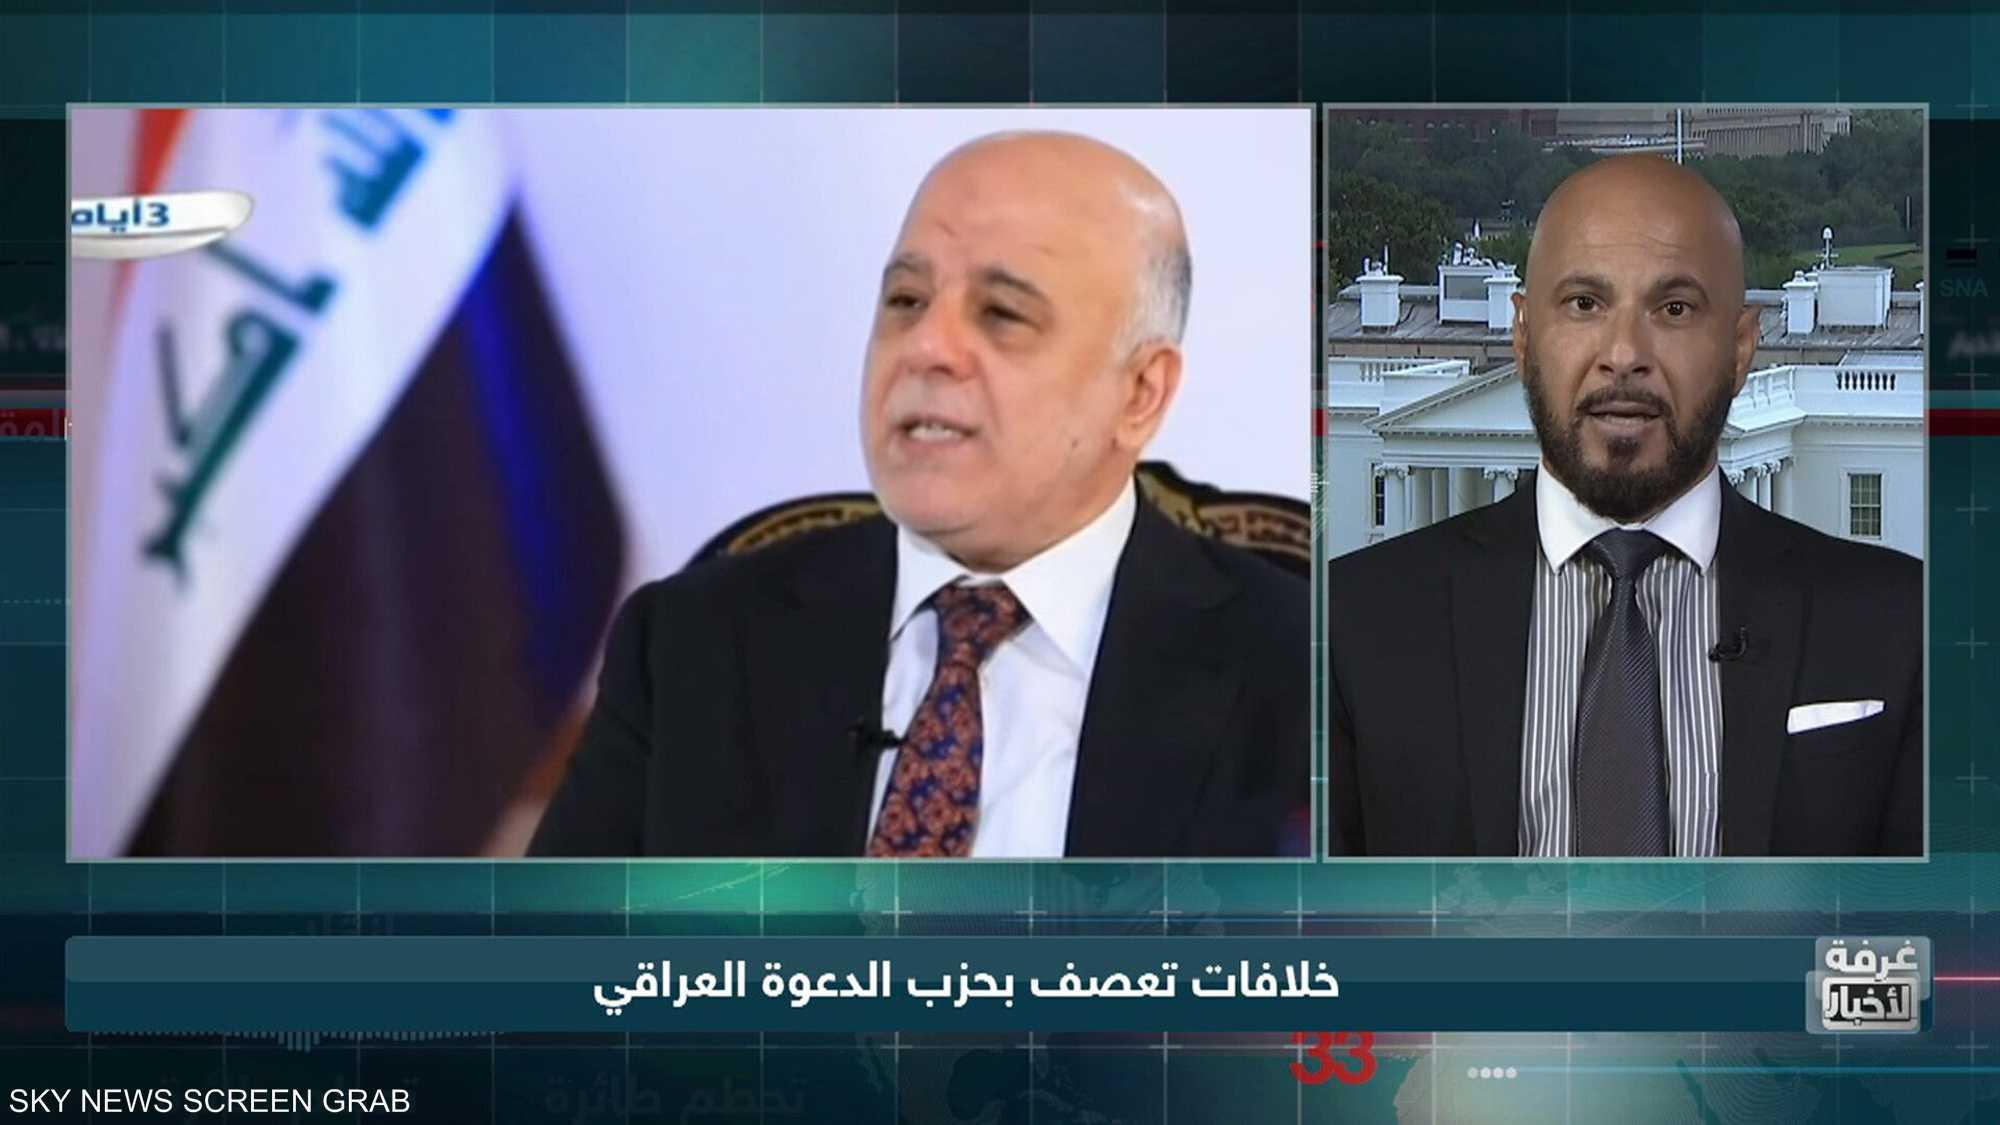 خلافات تعصف بحزب الدعوة العراقي